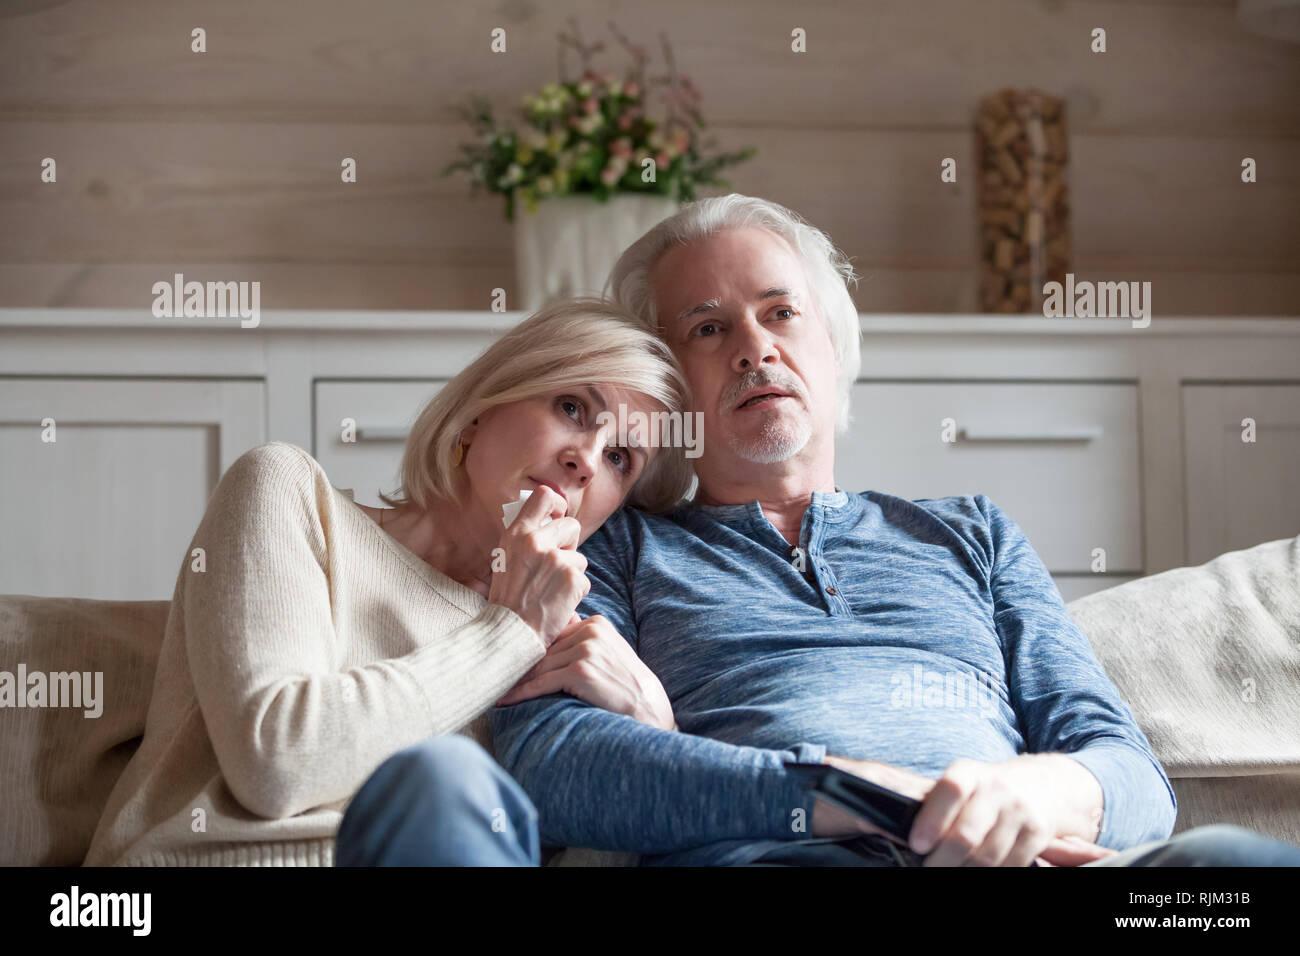 Les conjoints de la vieillesse assis sur le divan à regarder film thriller Photo Stock